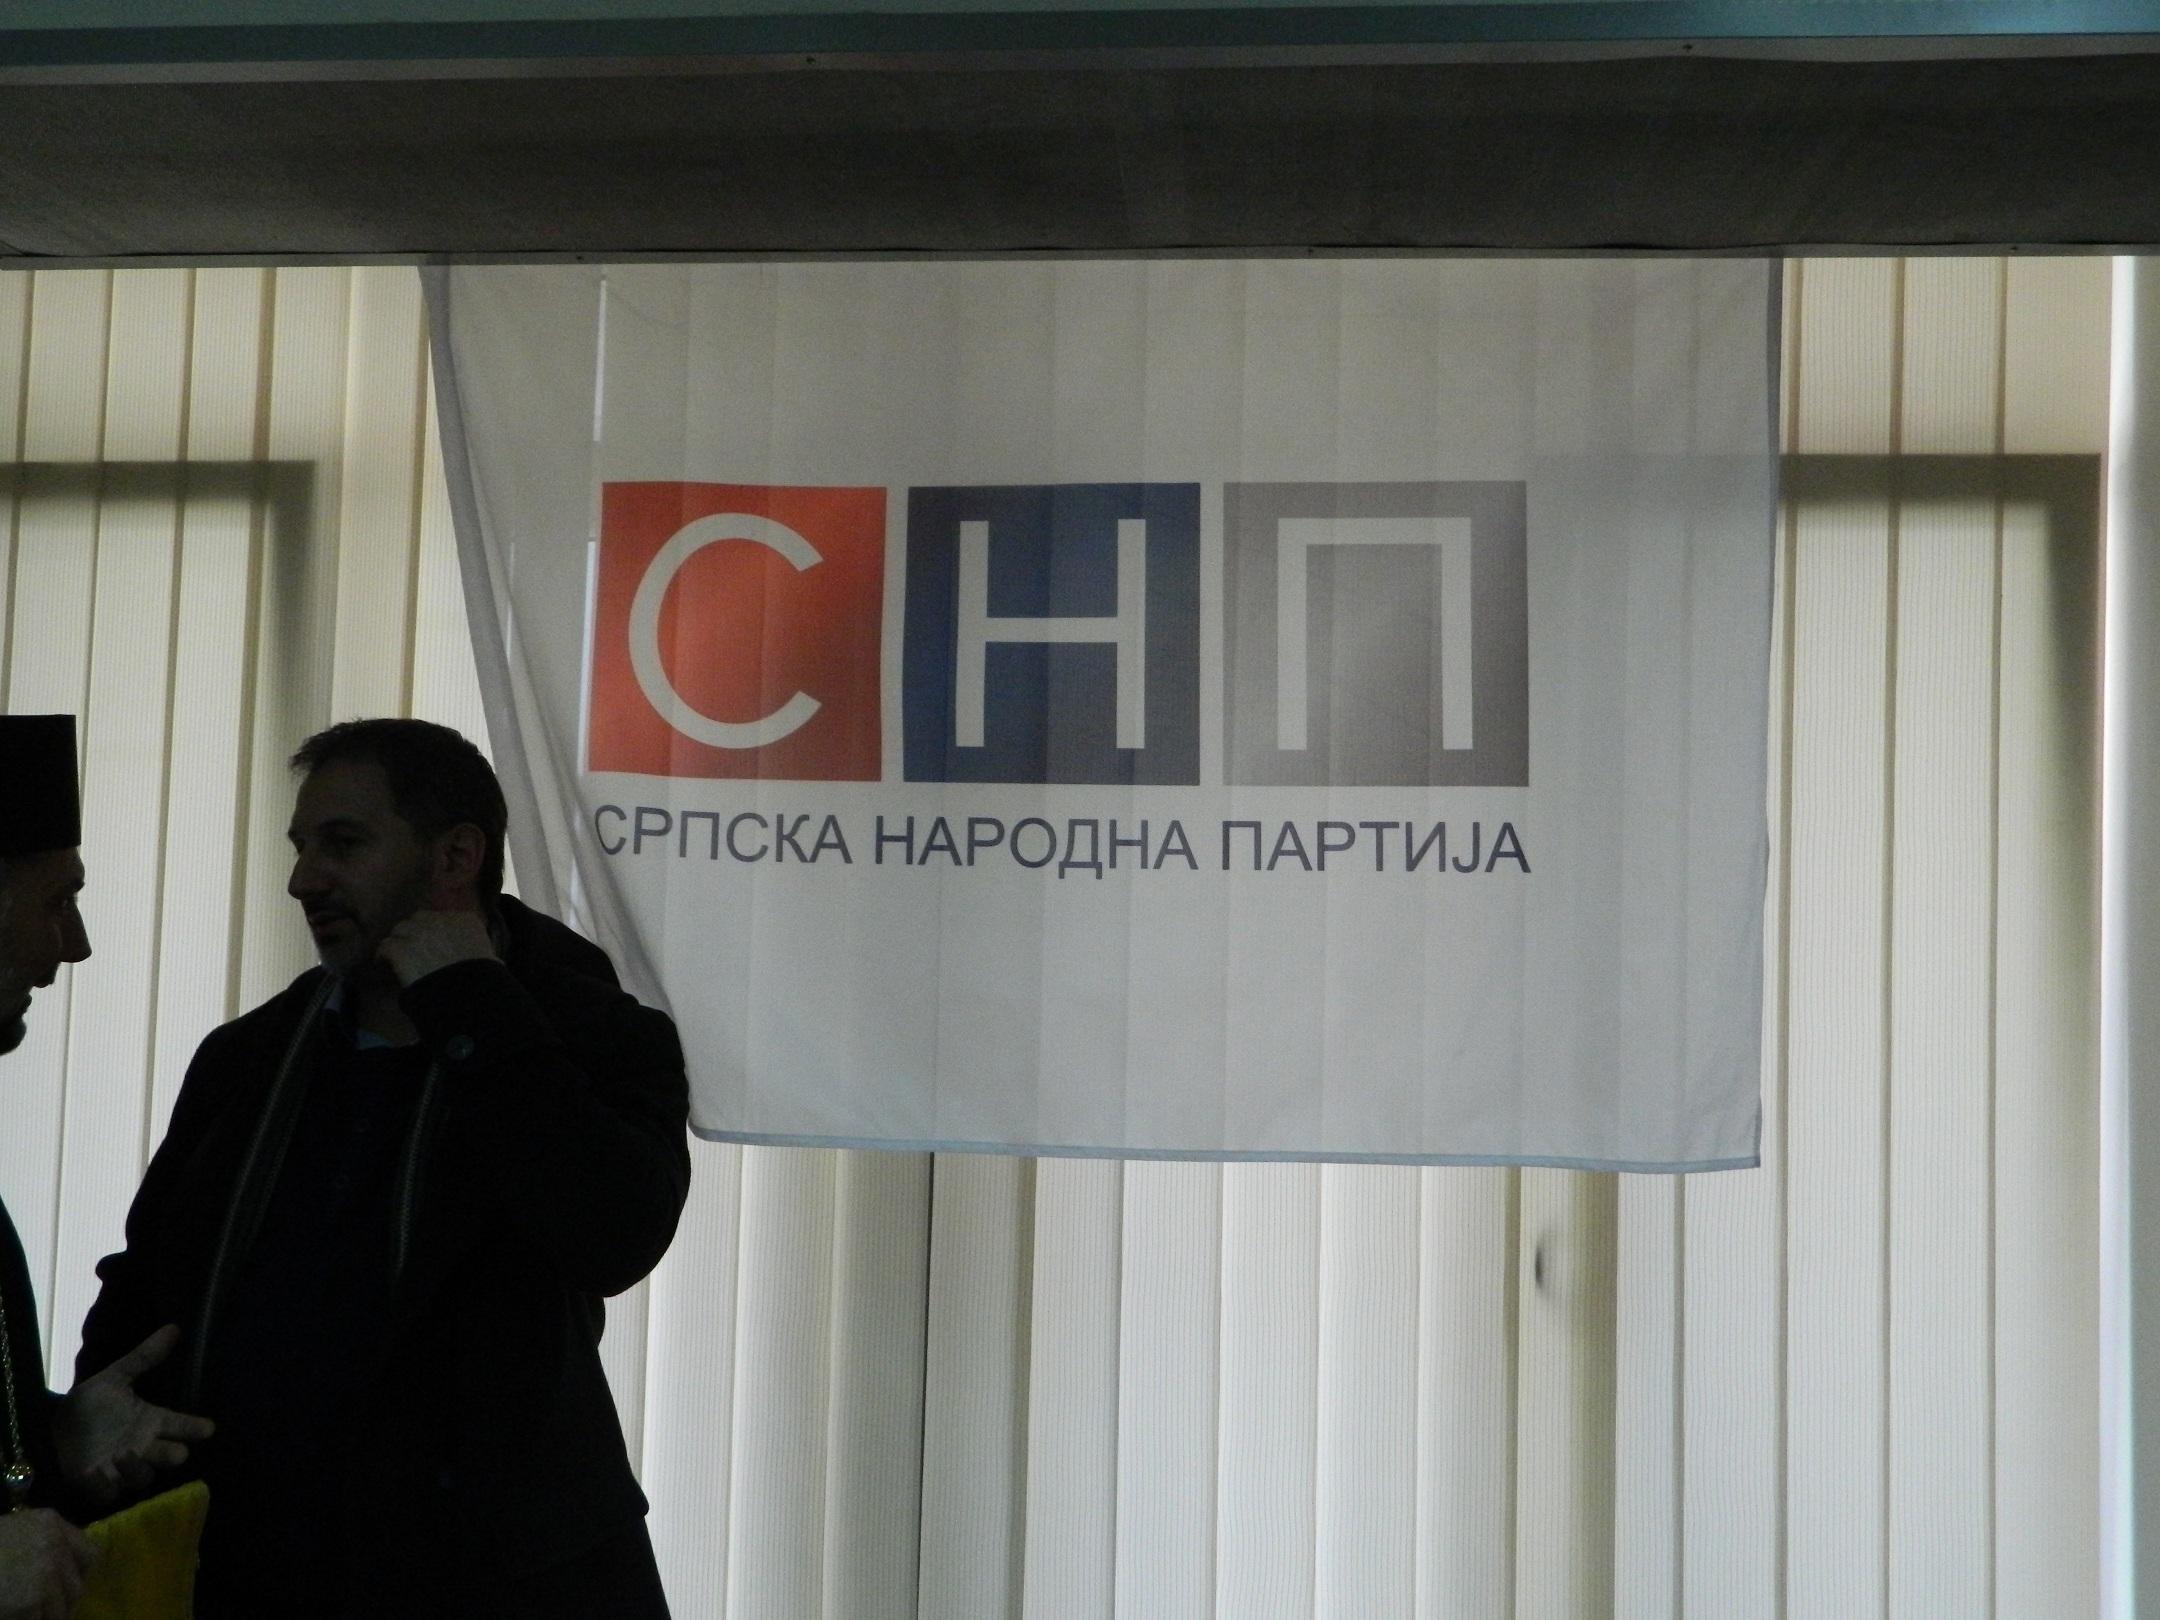 Prostorije Srpske narodne partije